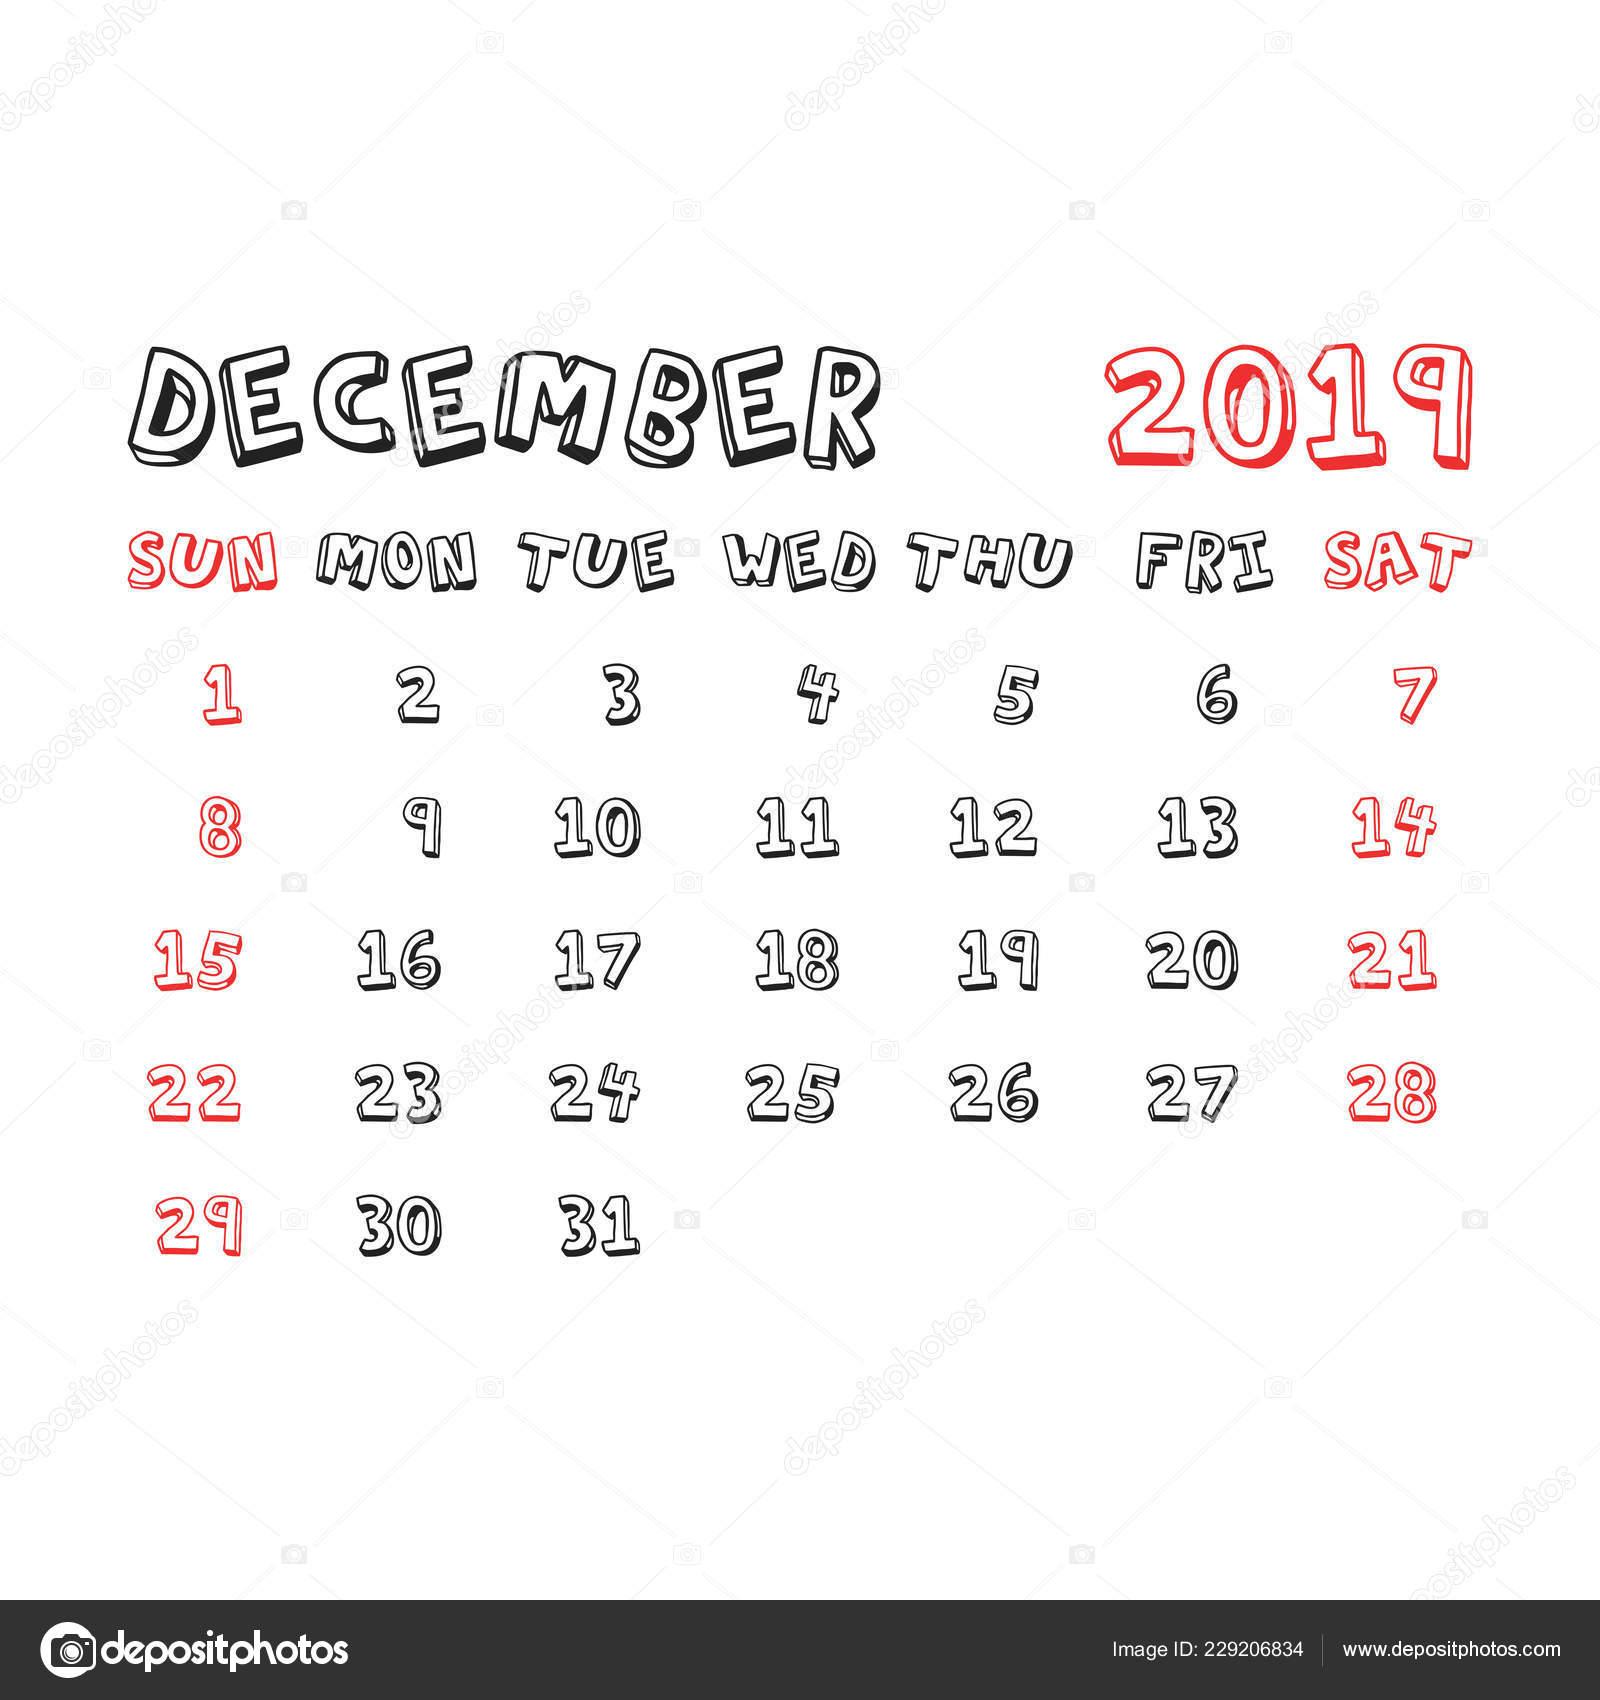 Calendrier Mensuel Decembre 2019.Calendrier Decembre 2019 Annee Dans Style Dessin Anime